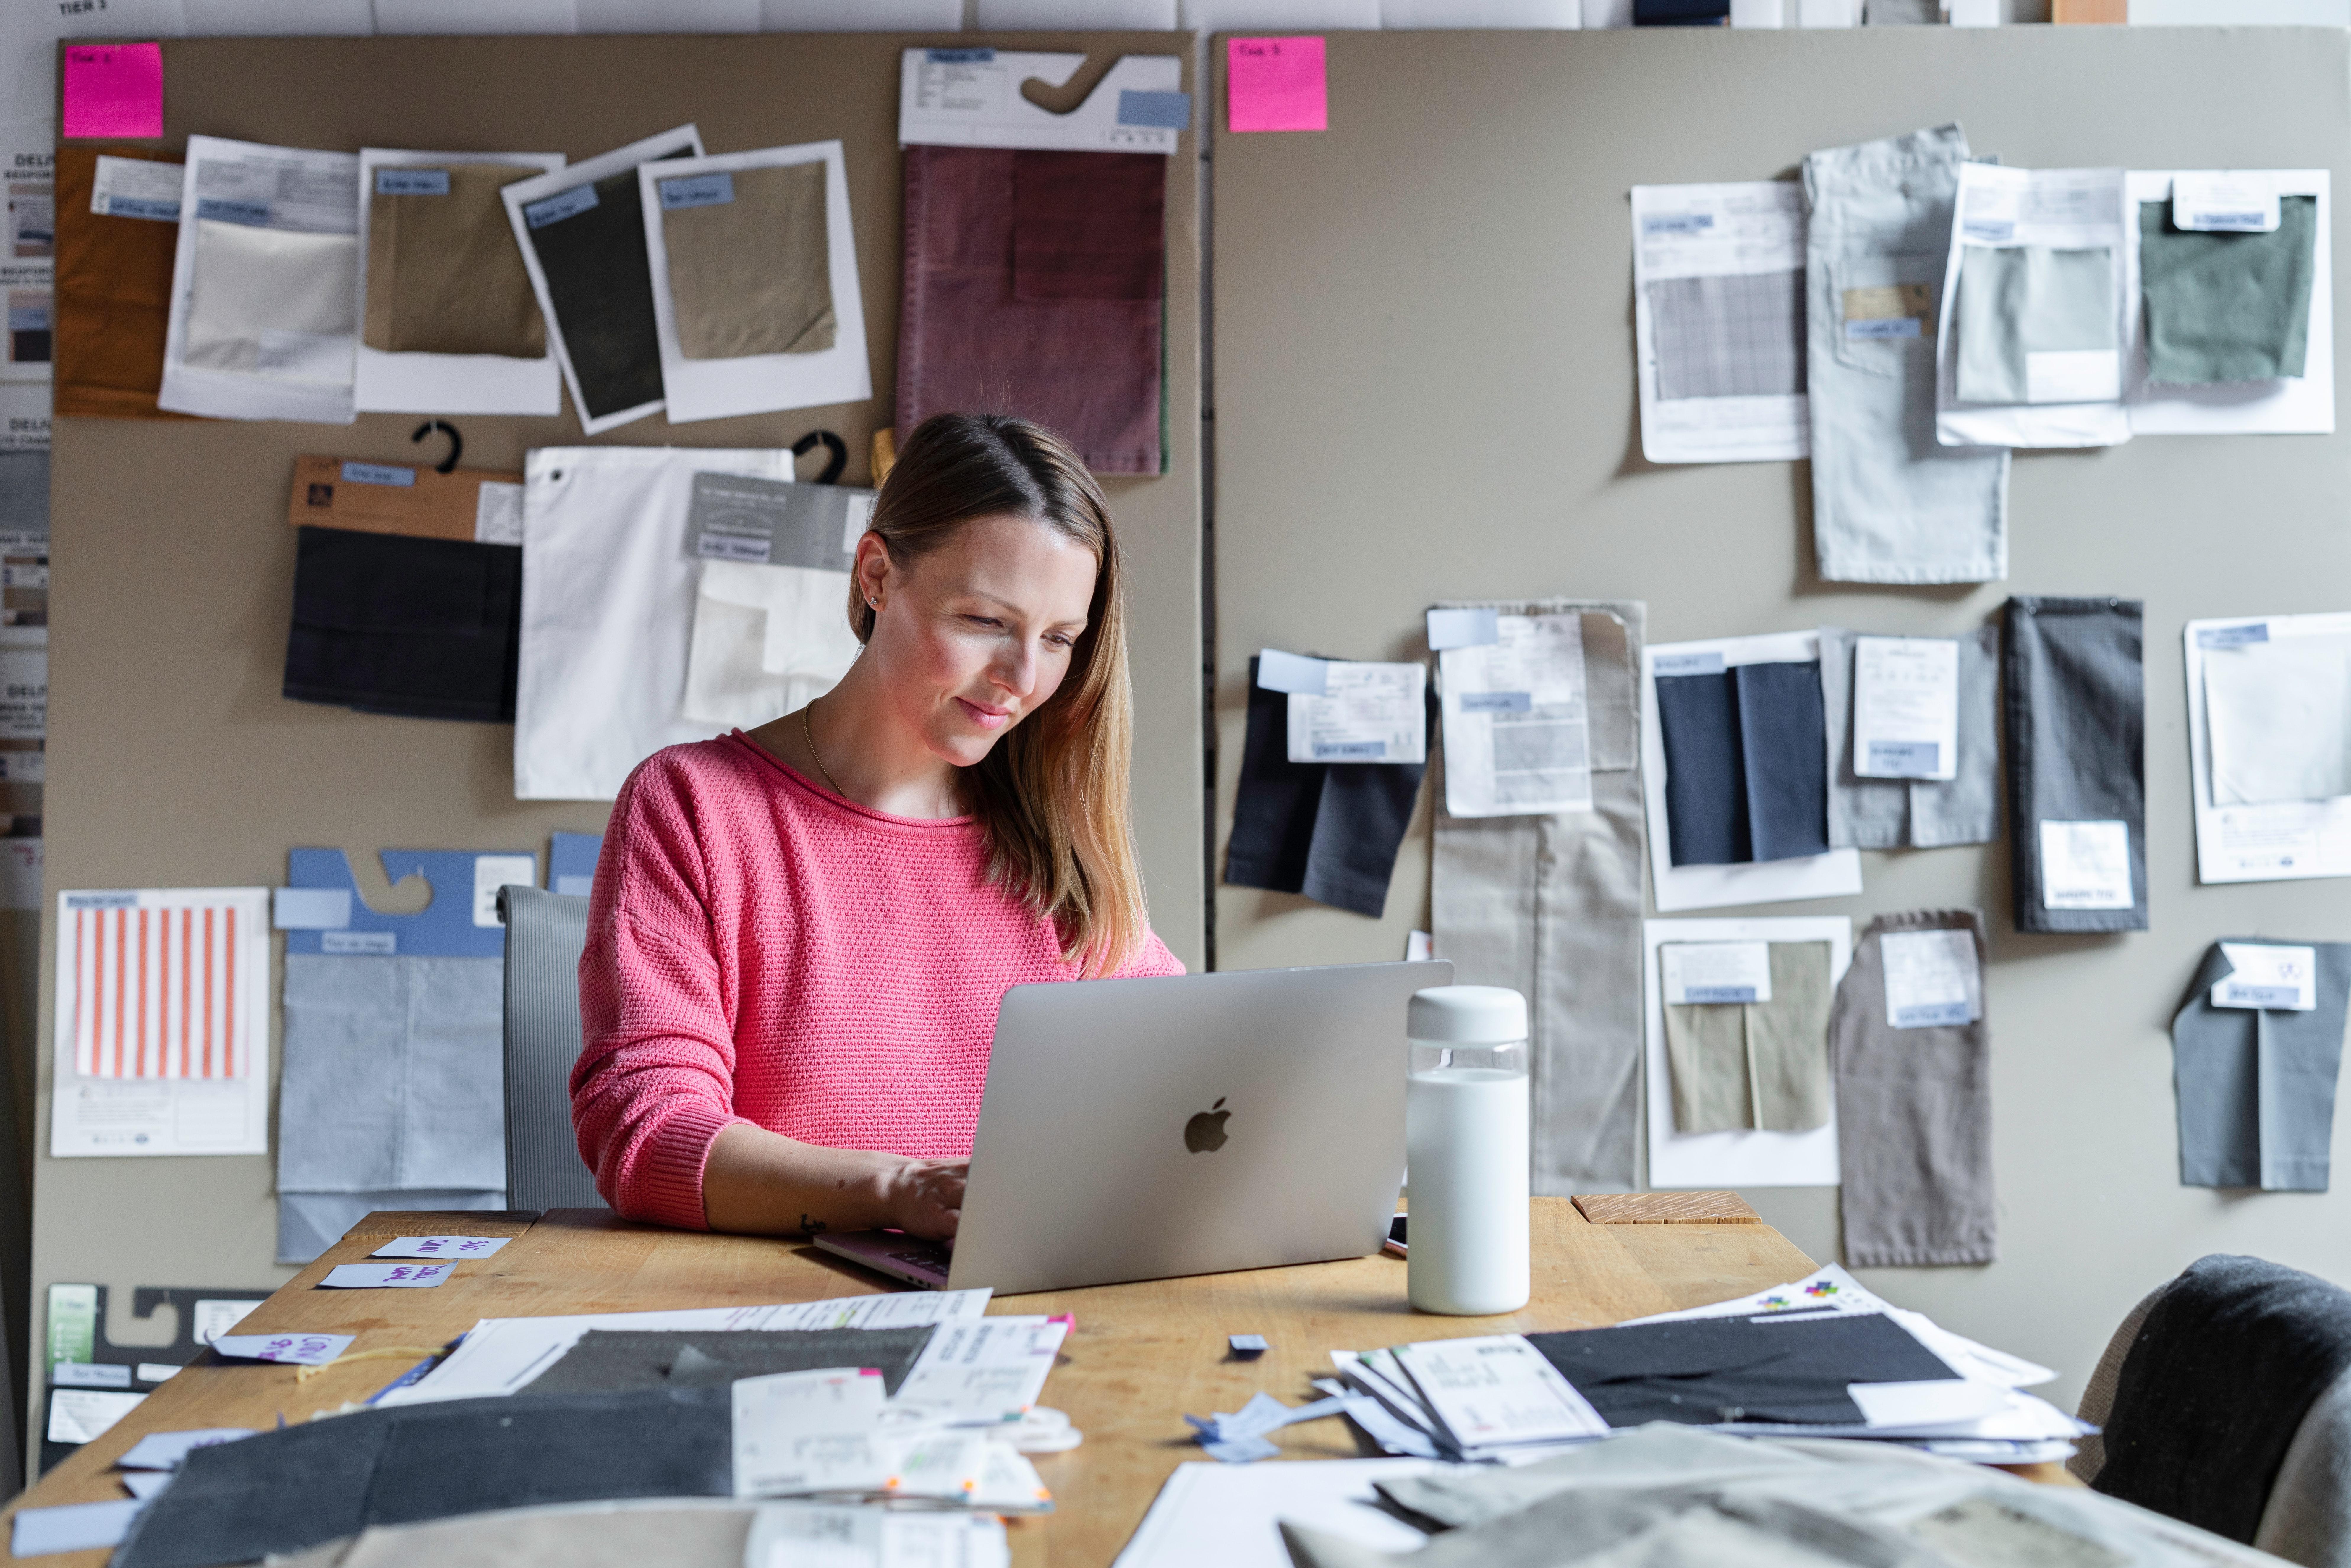 Mujer observando ventas